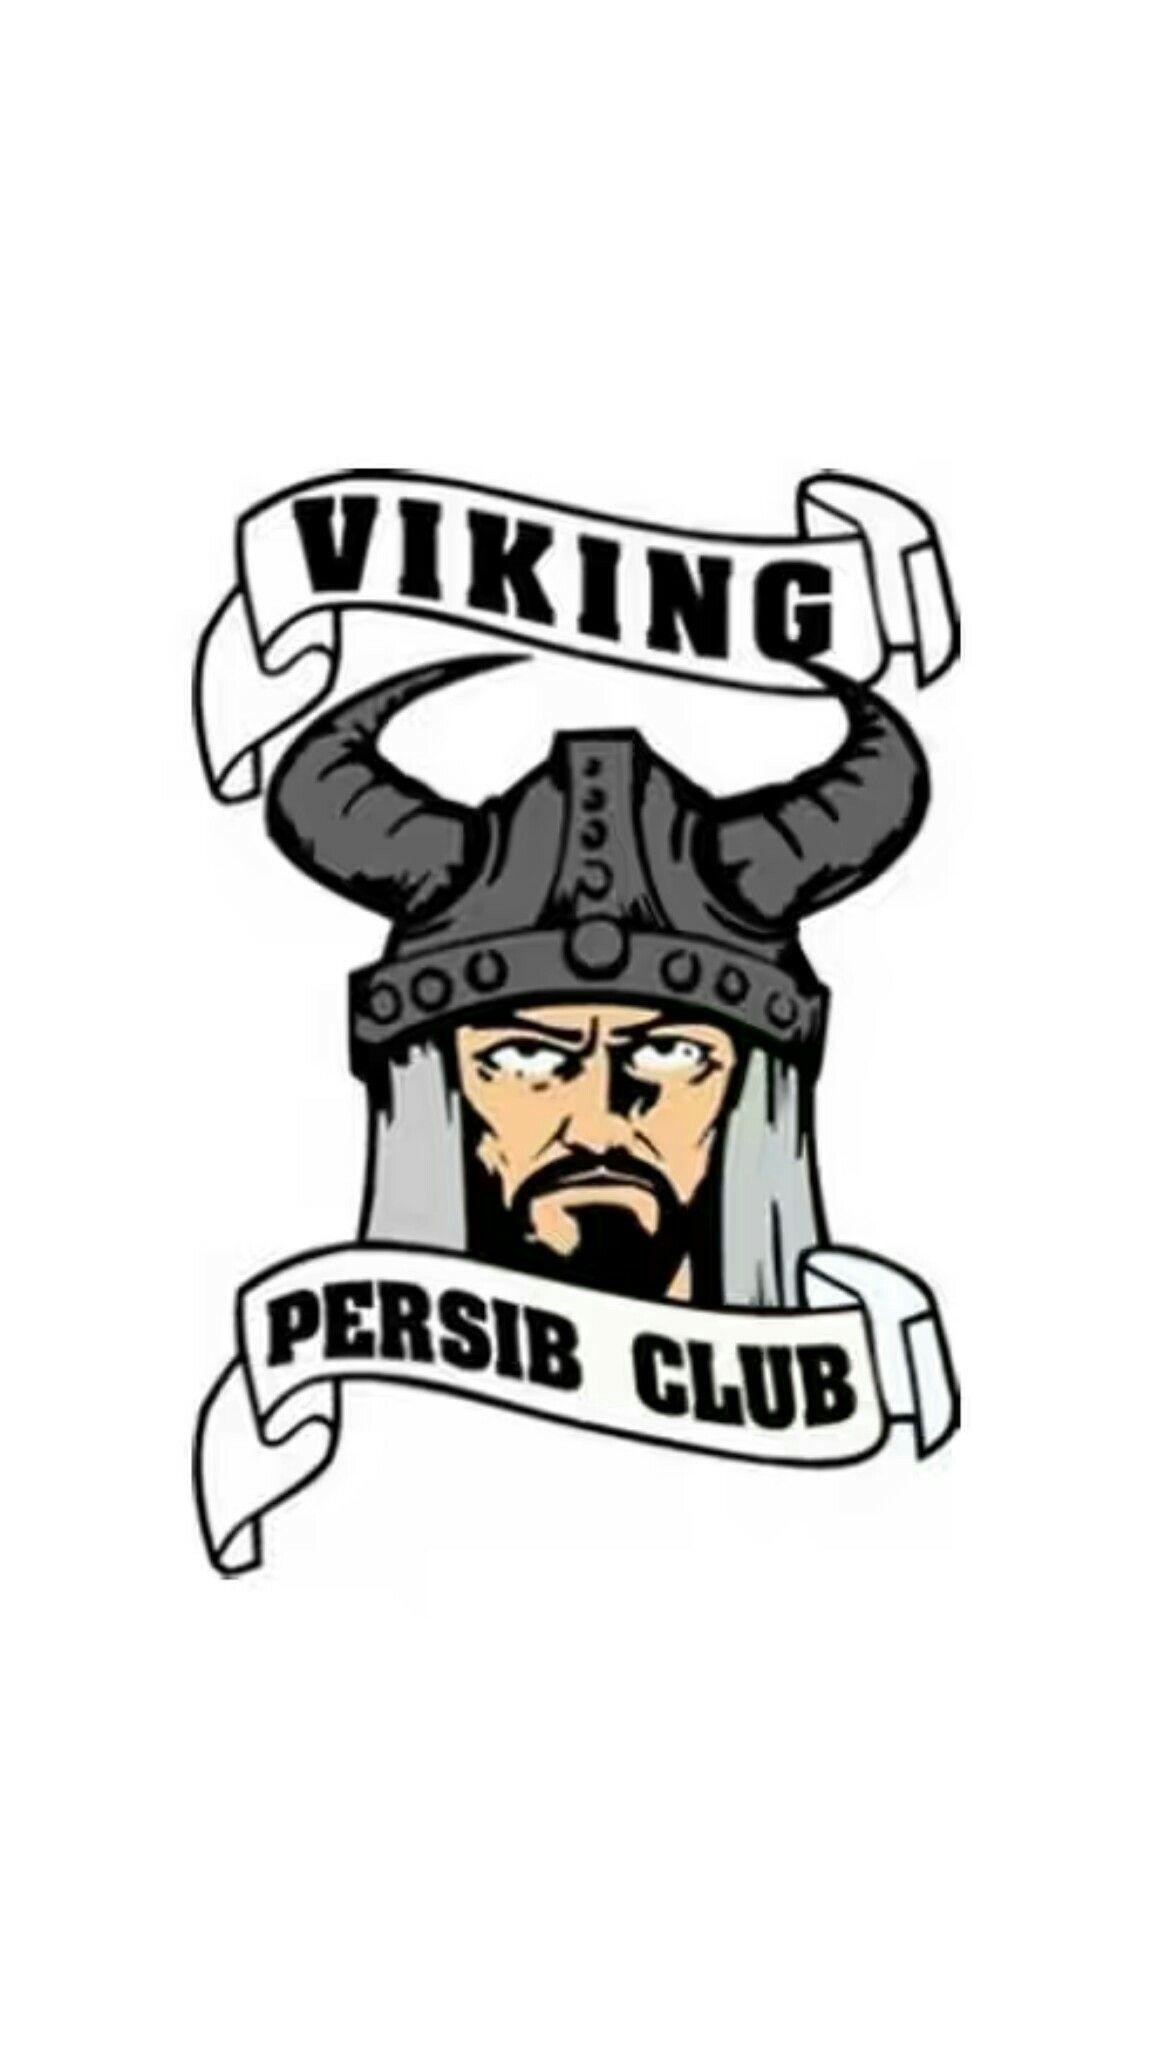 Viking Persib Club Viking Olahraga Logo Keren